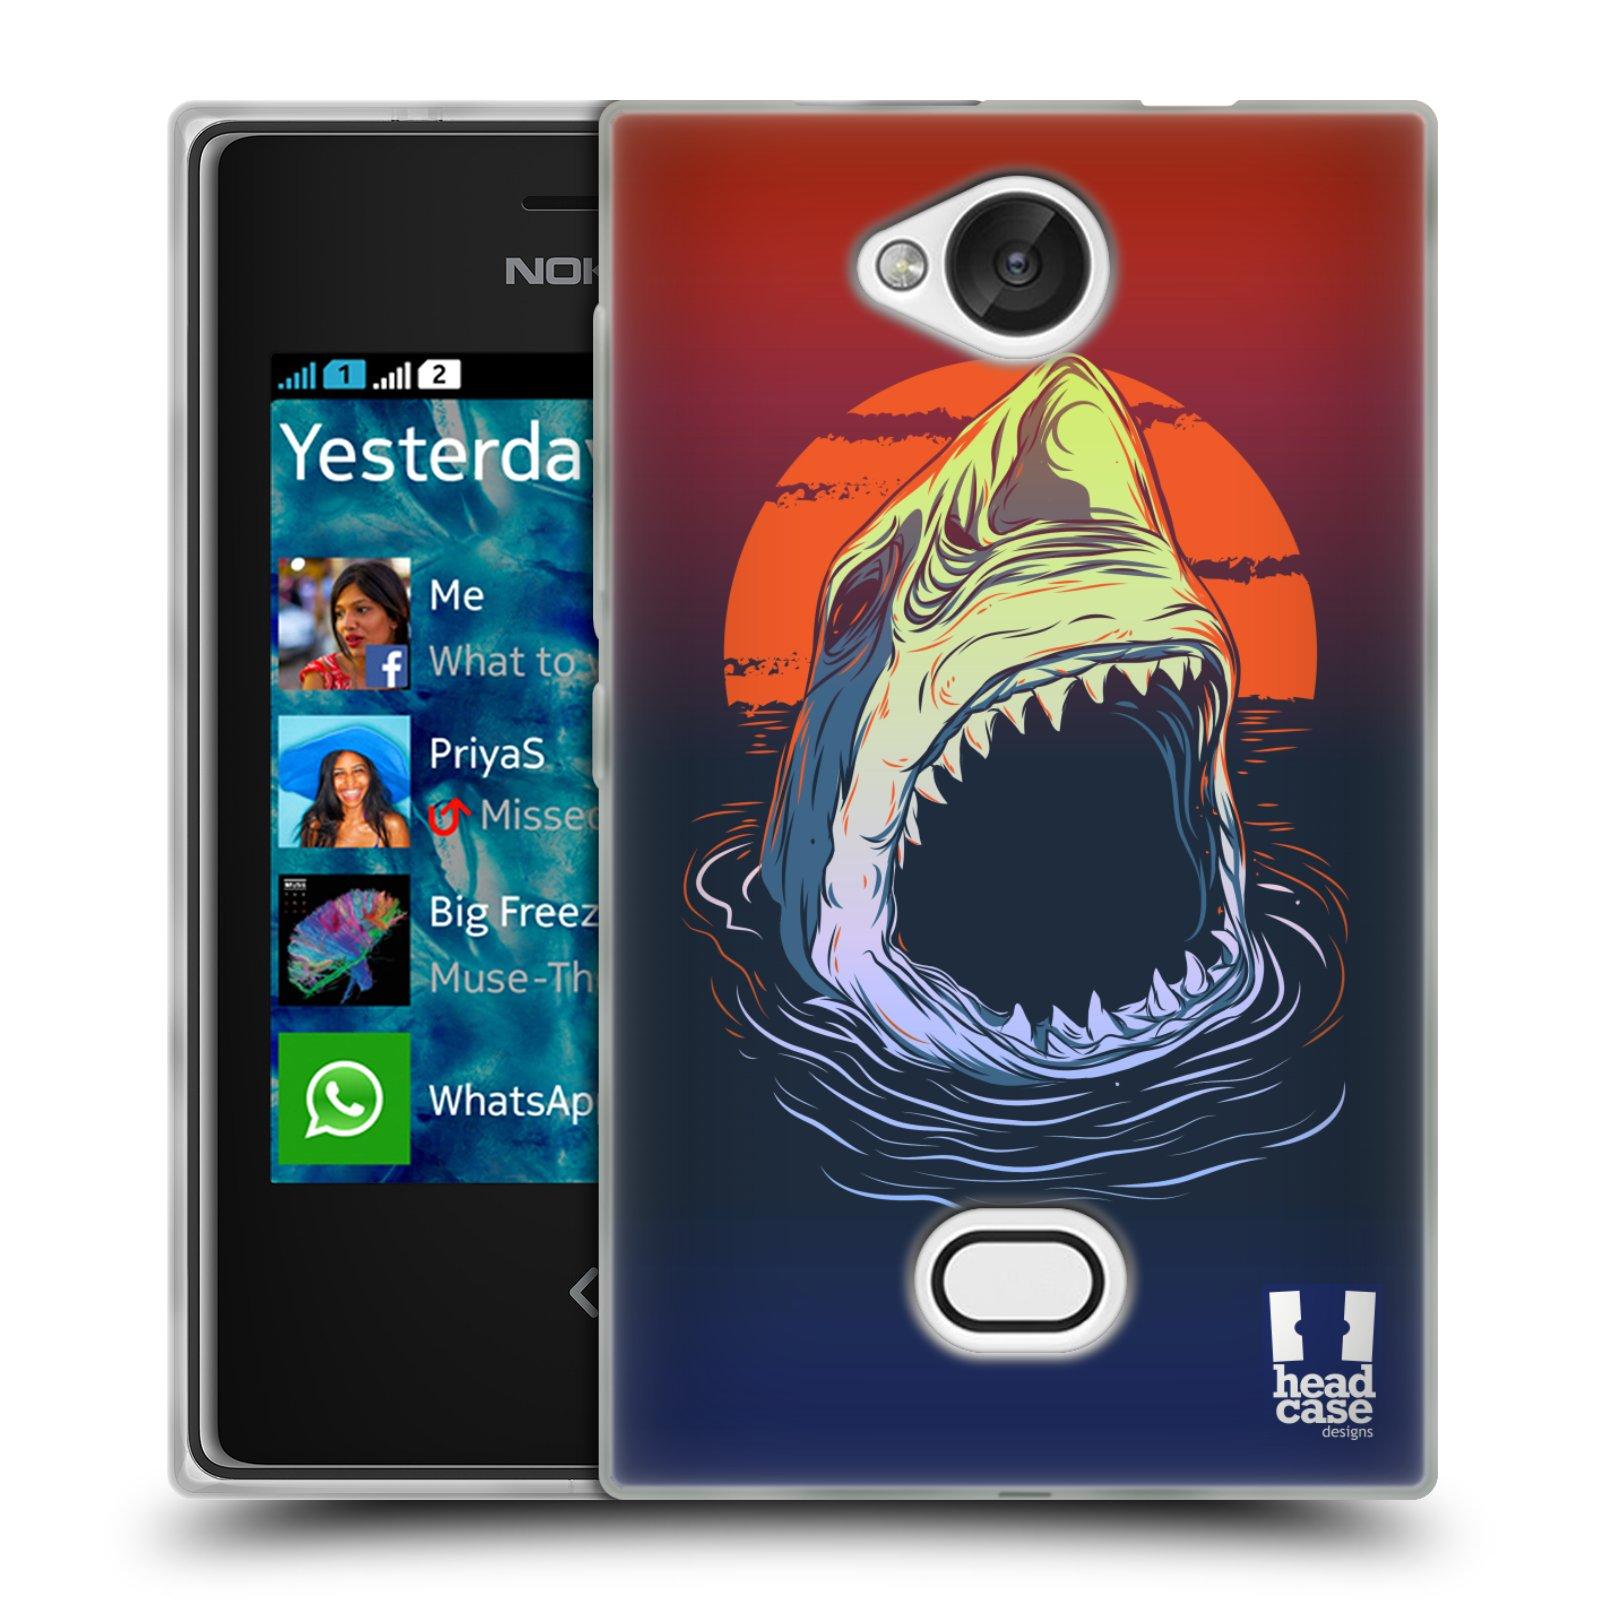 HEAD CASE silikonový obal na mobil NOKIA Asha 503 vzor mořská monstra žralok